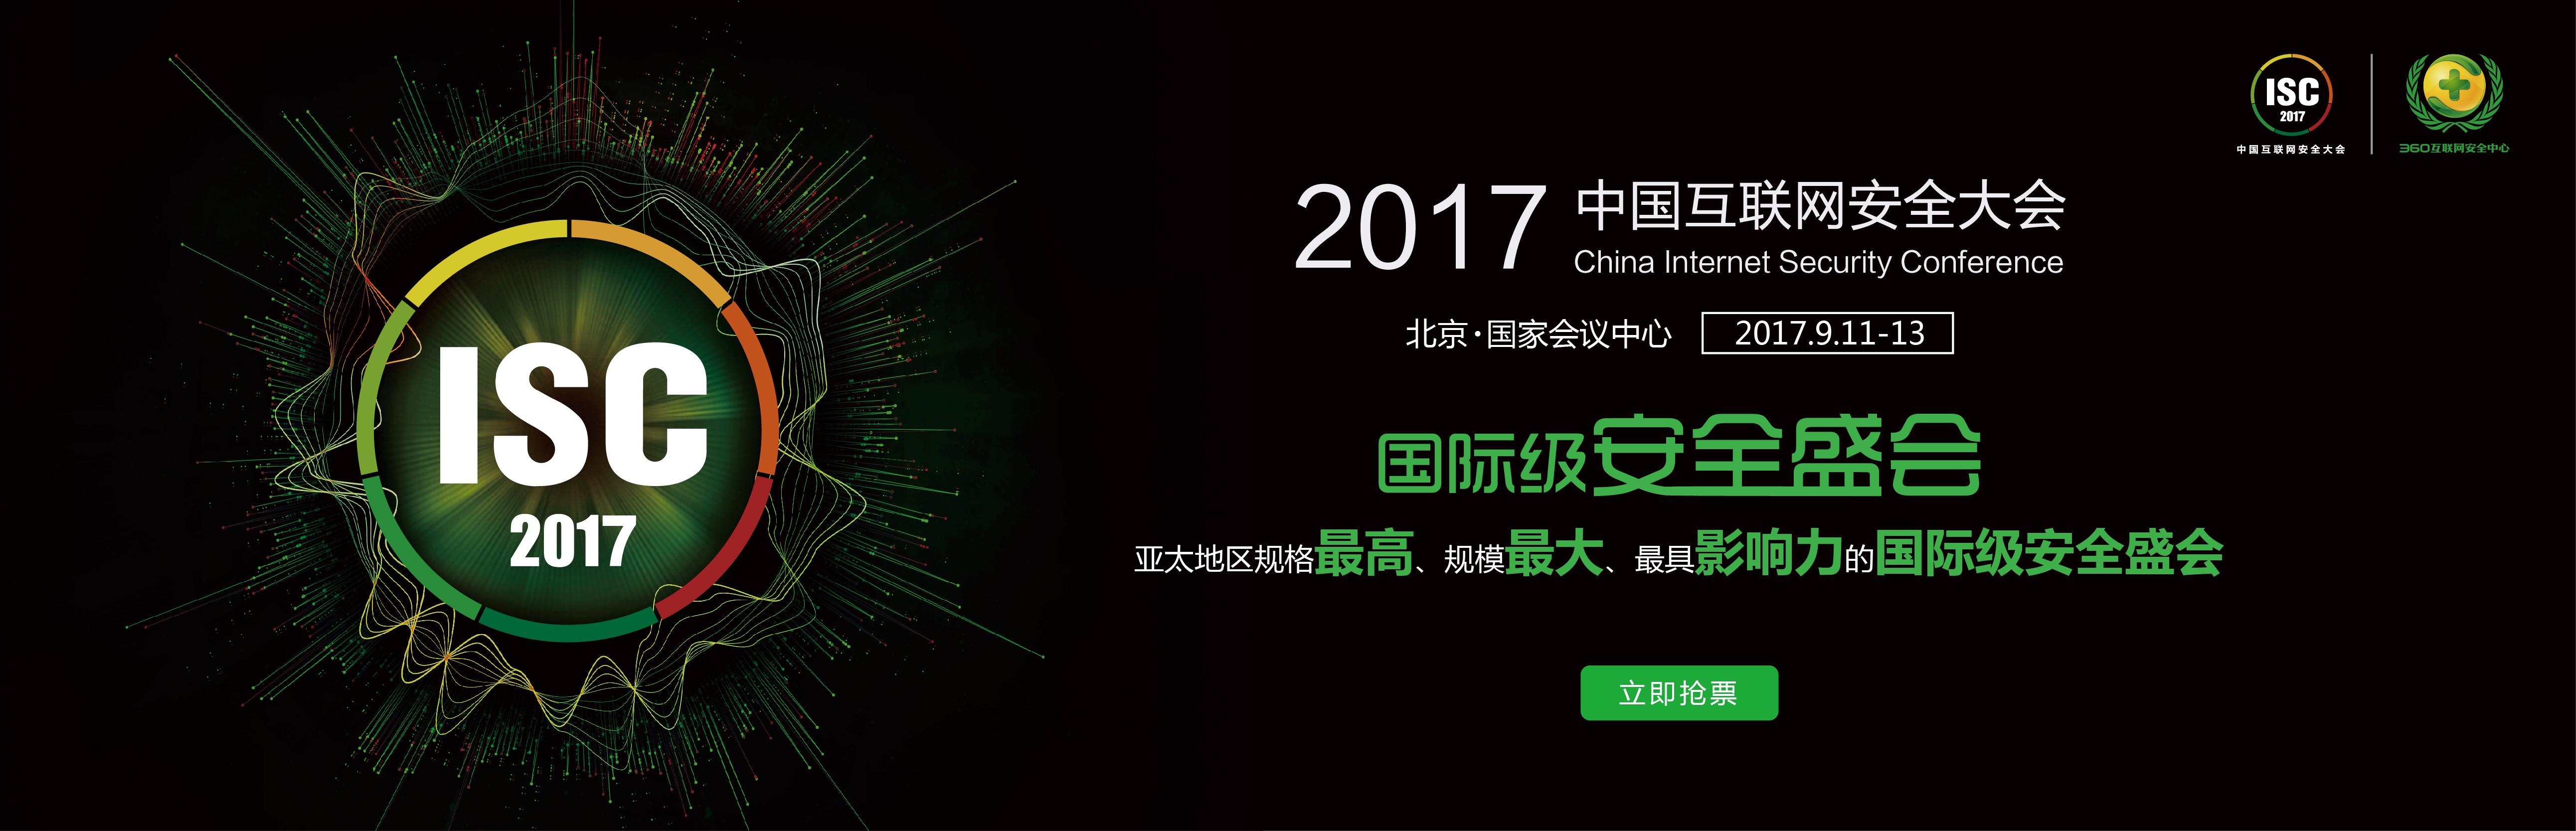 2017中国互联网安全大会